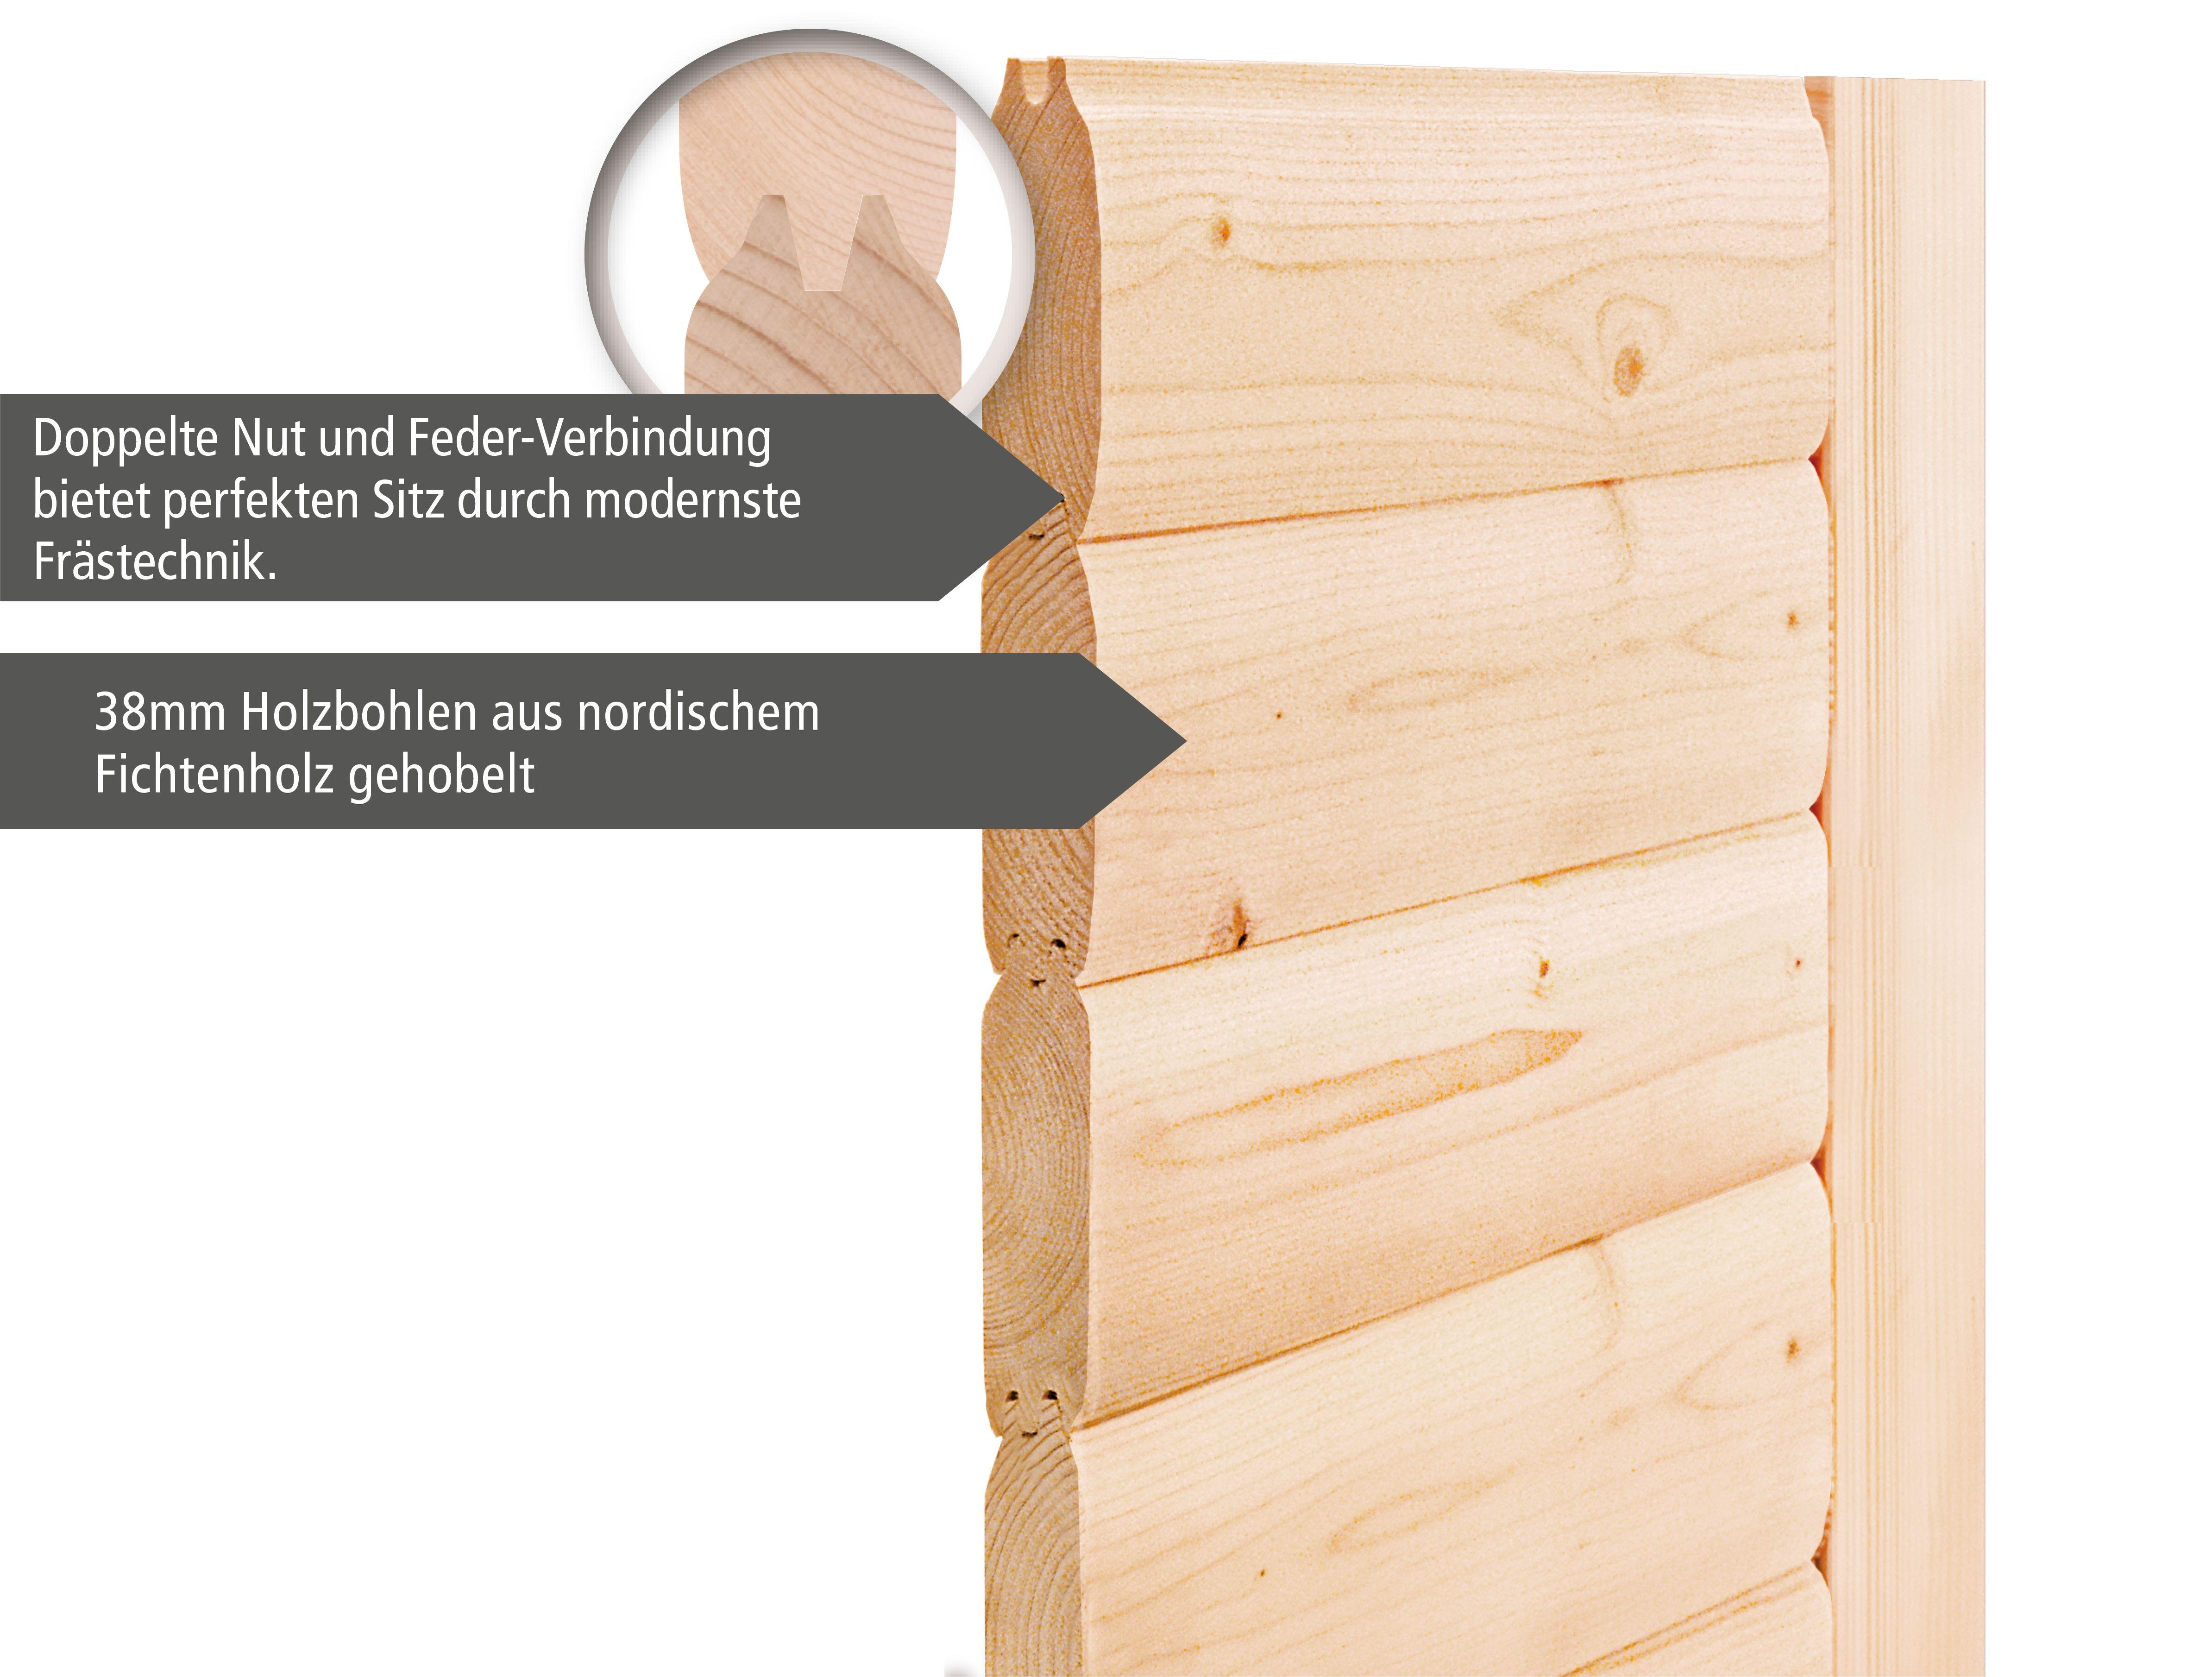 Woodfeeling Sauna Jutta 38mm Saunaofen 9 kW intern Bild 7